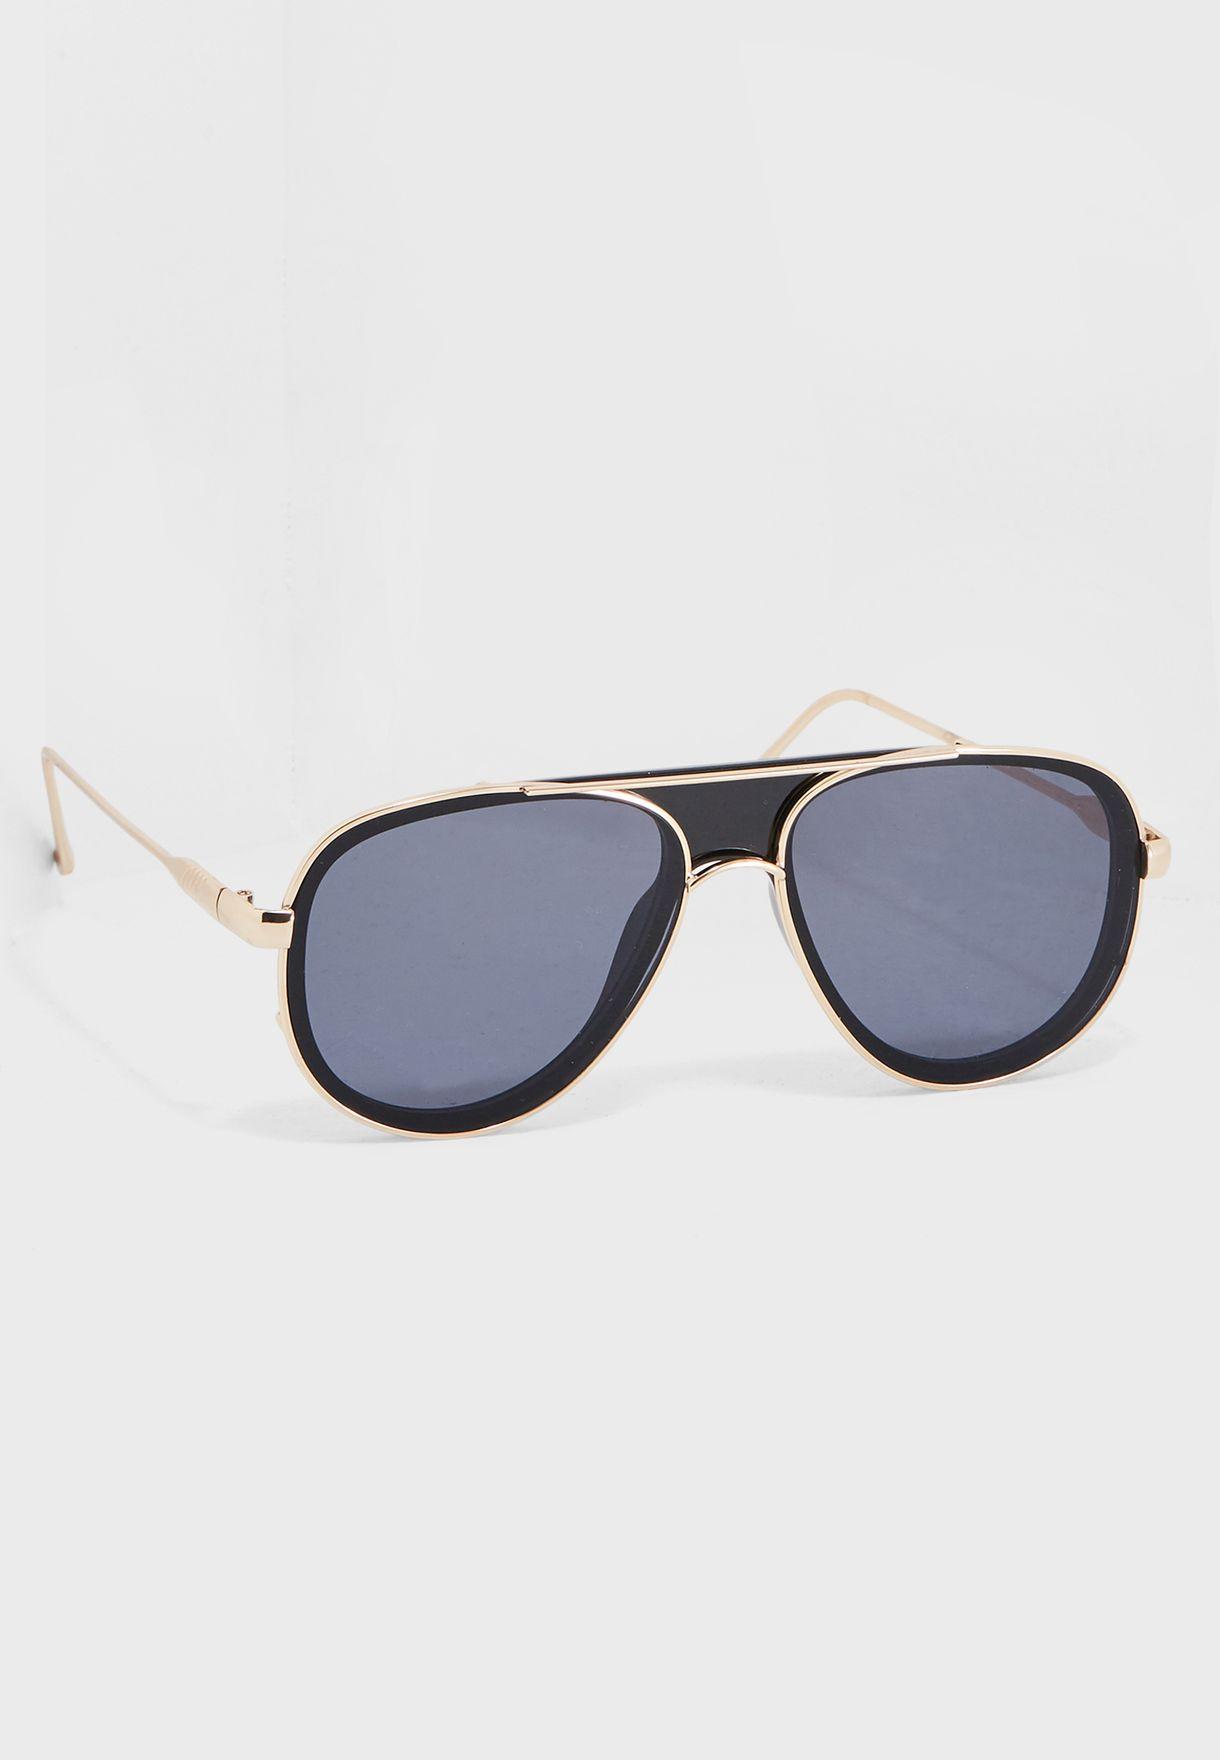 7c4aec5ddb Shop Aldo gold Shanequa Sunglasses SHANEQUA98 for Men in UAE ...